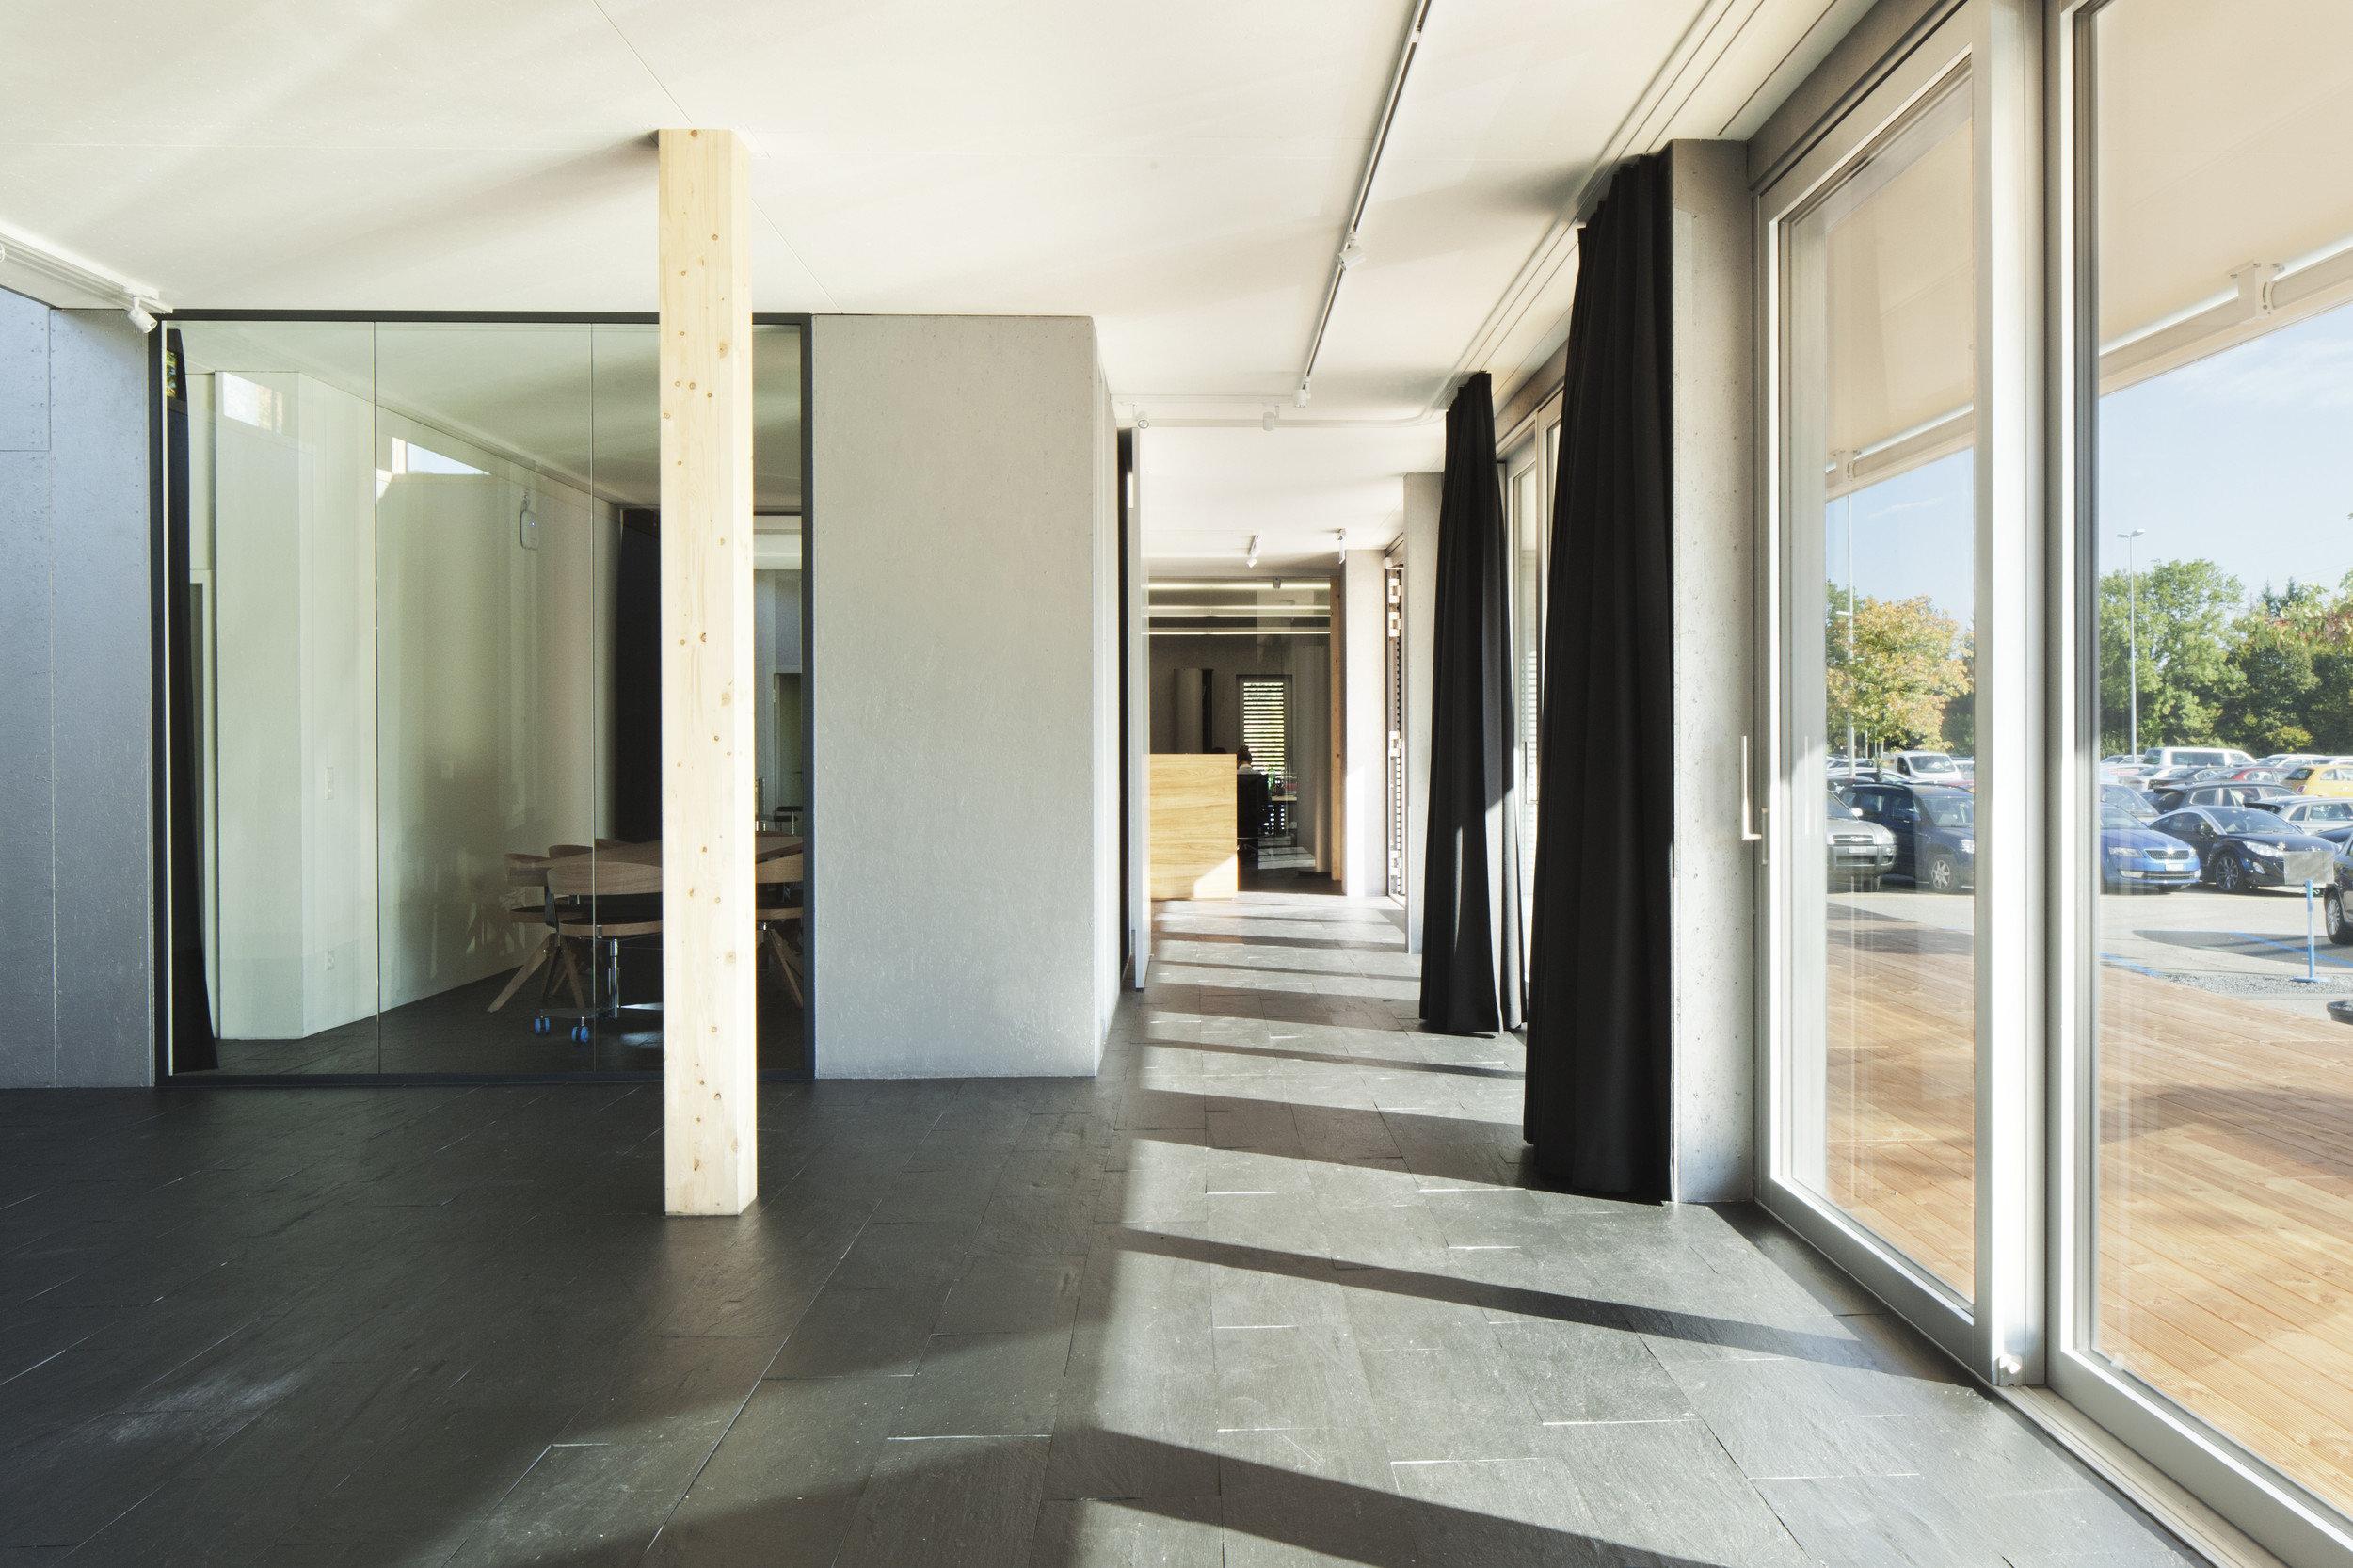 Heller und moderner Flur in Infopavillon mit grossen Fensterelementen